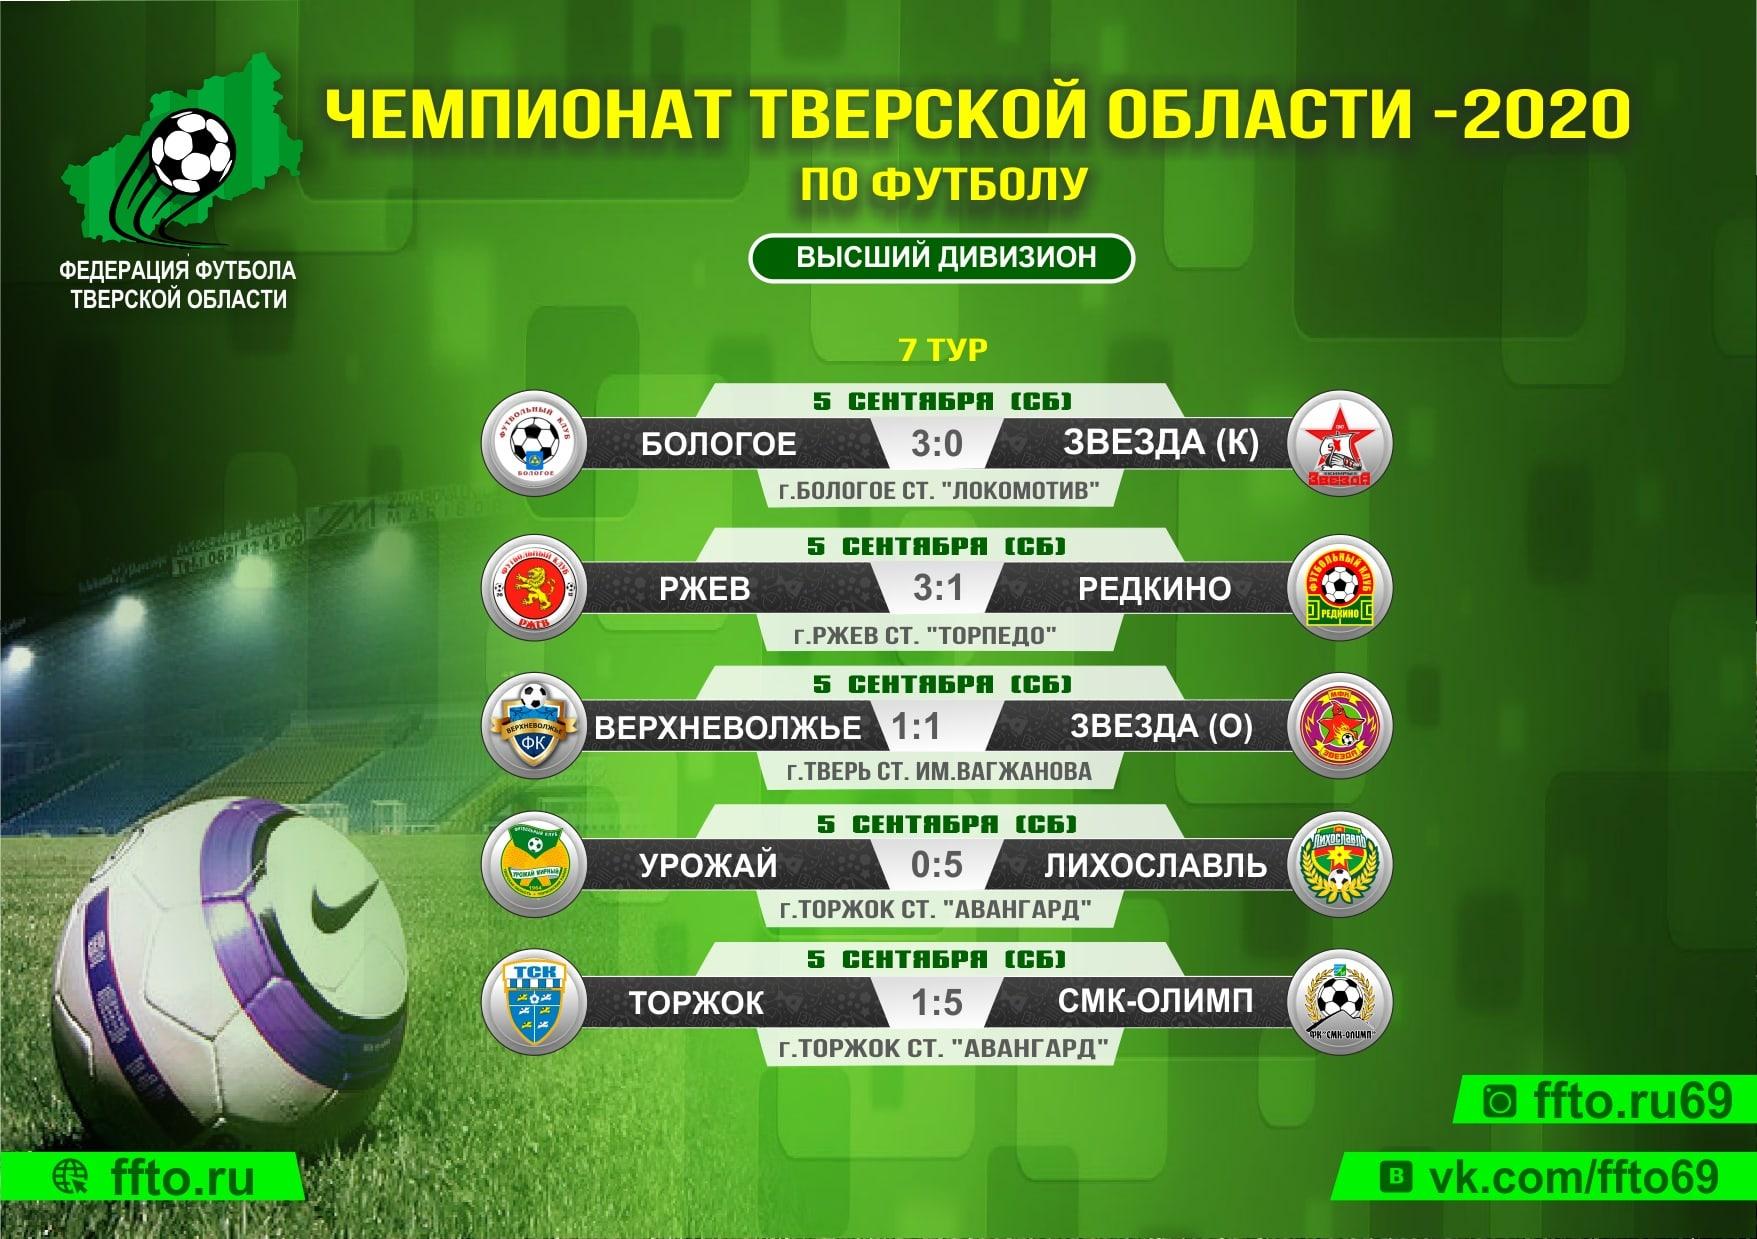 Опубликованы результаты 7-ого тура Чемпионата Тверской области по футболу